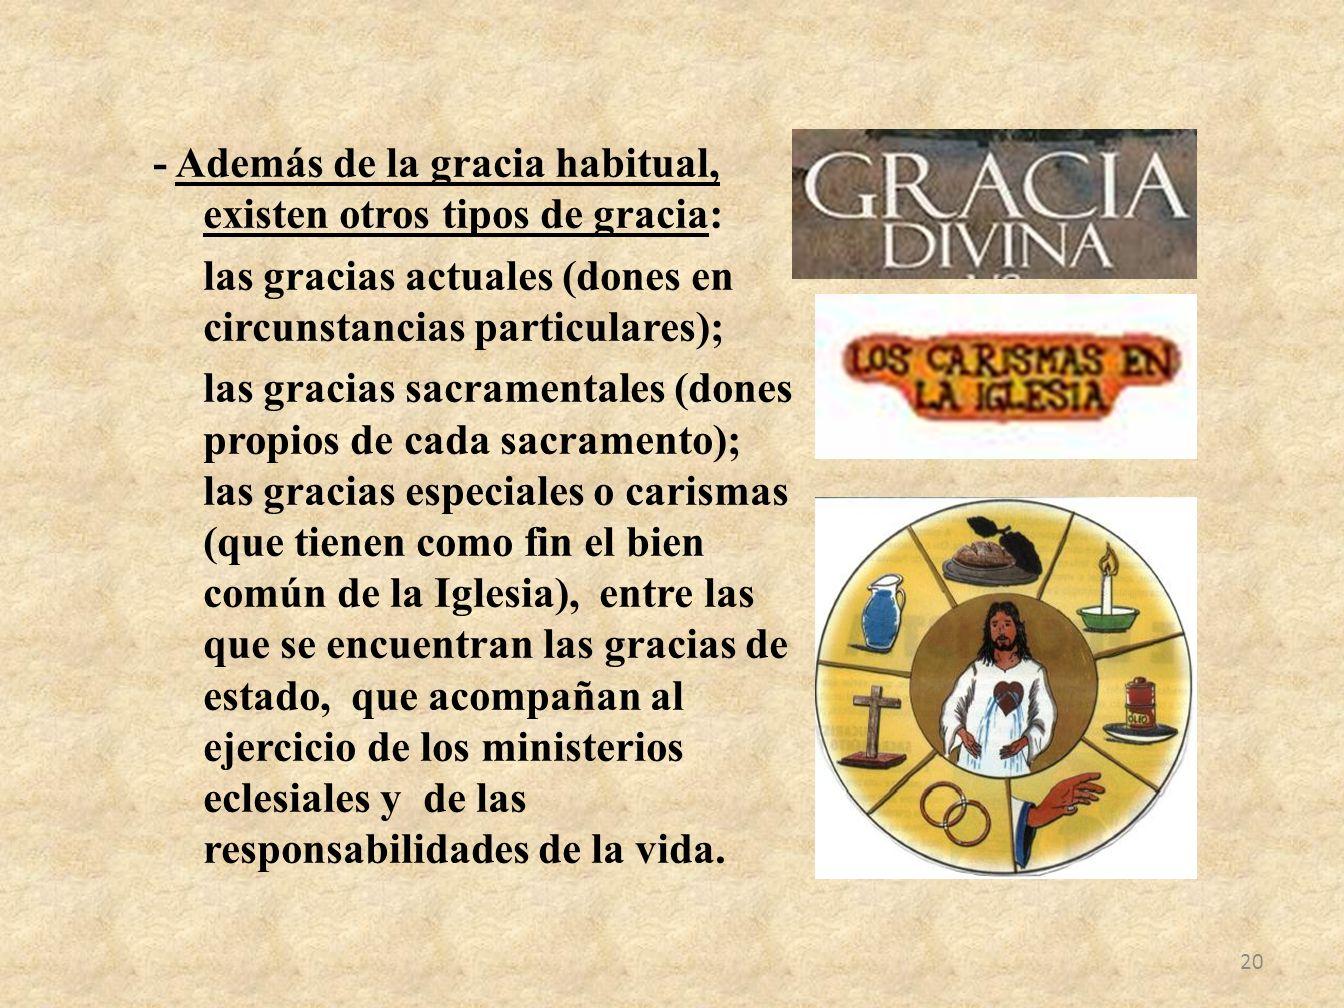 - Además de la gracia habitual, existen otros tipos de gracia: las gracias actuales (dones en circunstancias particulares); las gracias sacramentales